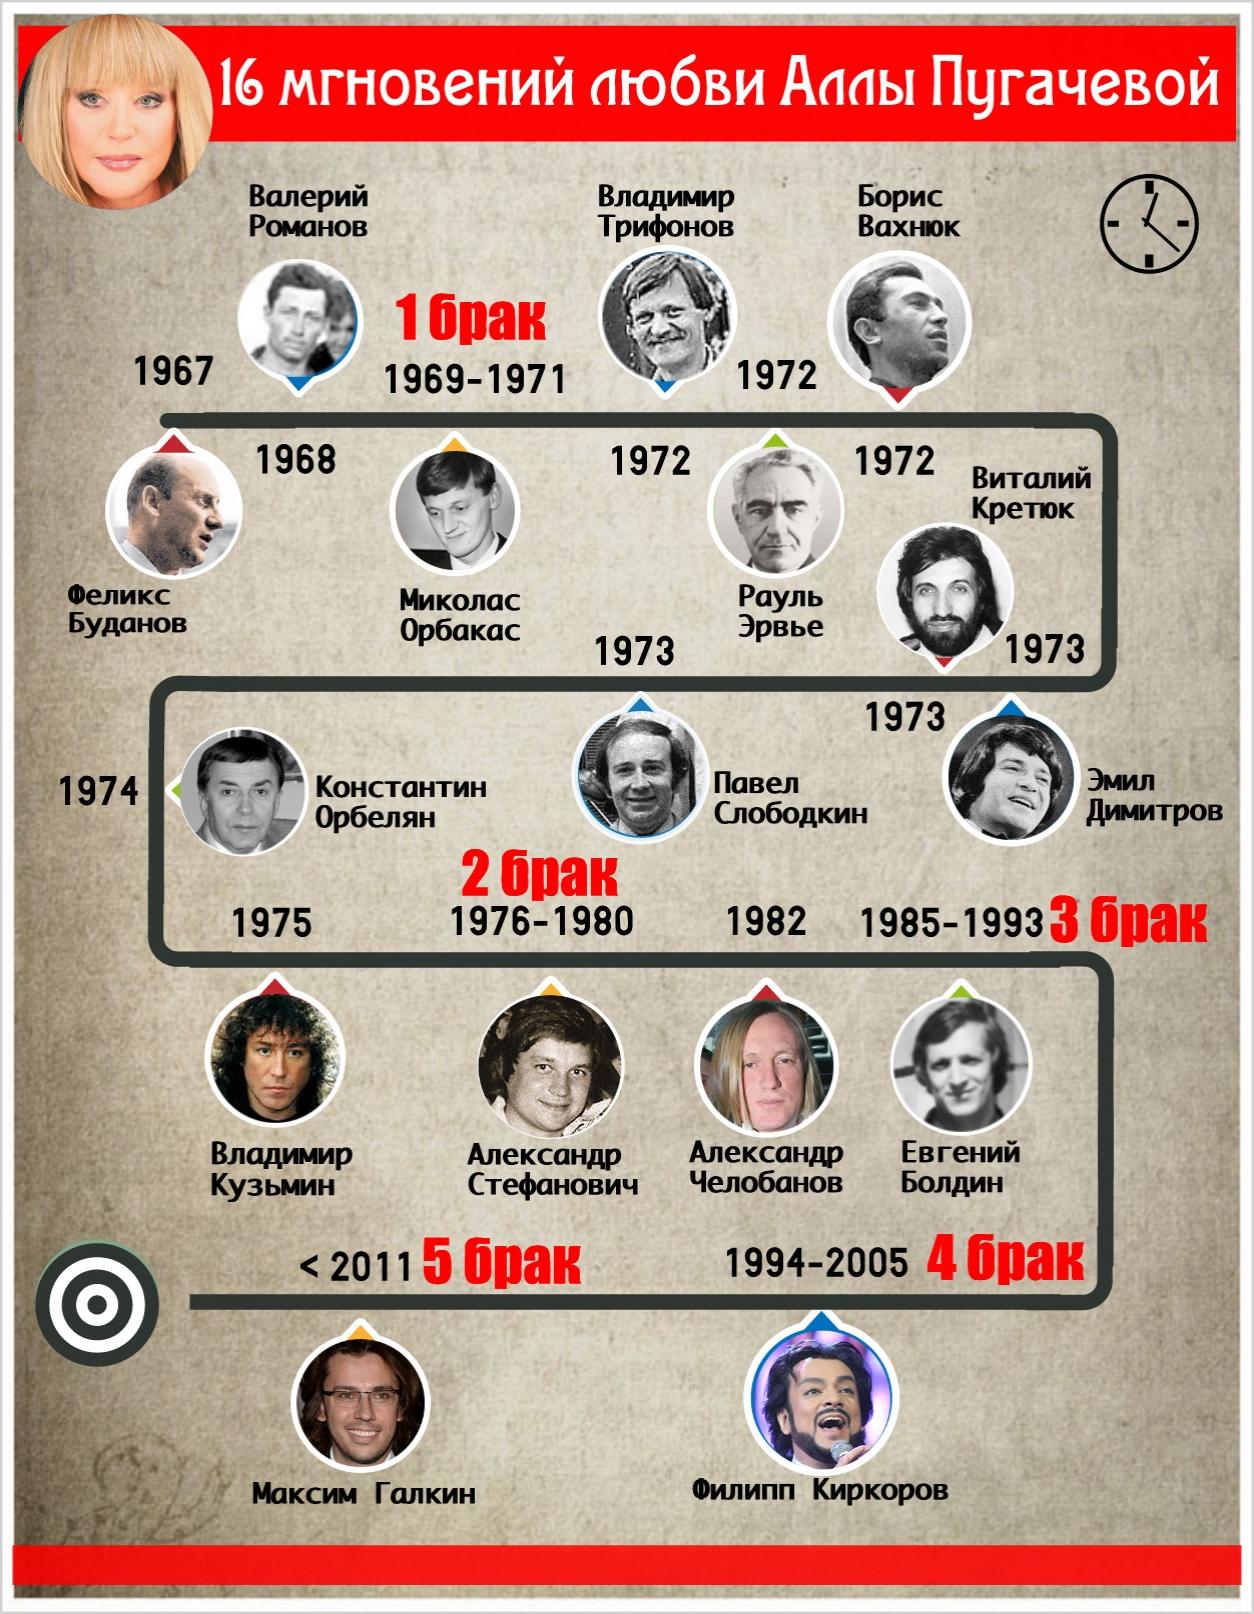 Инфографика: 16 известных возлюбленных Аллы Пугачевой